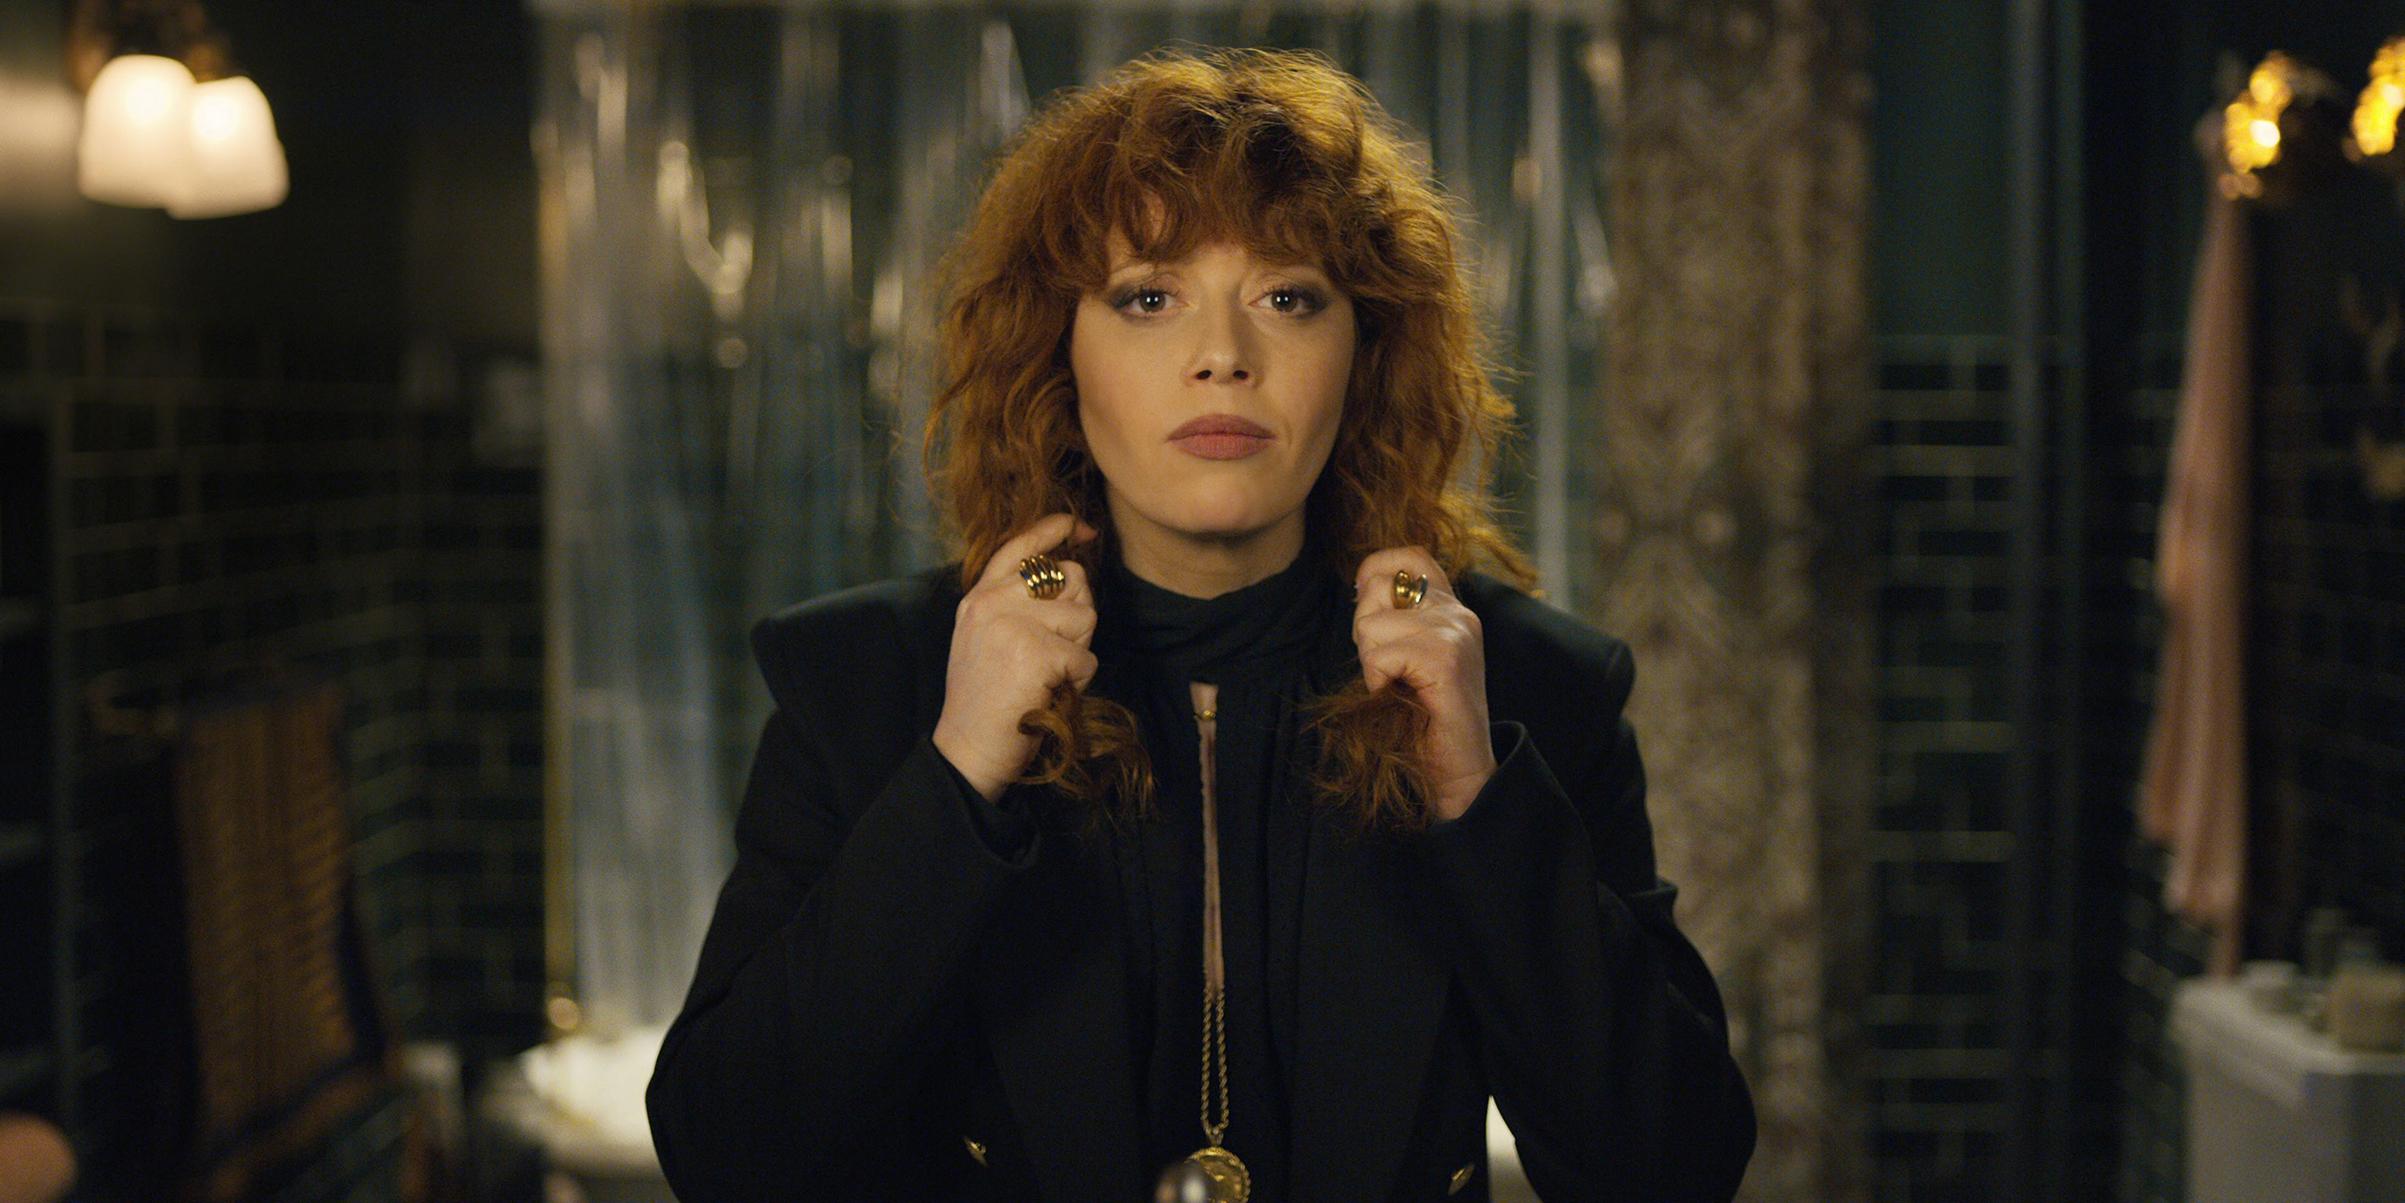 Is Nadia (Lyonne) dead, on drugs or simply losing her mind?